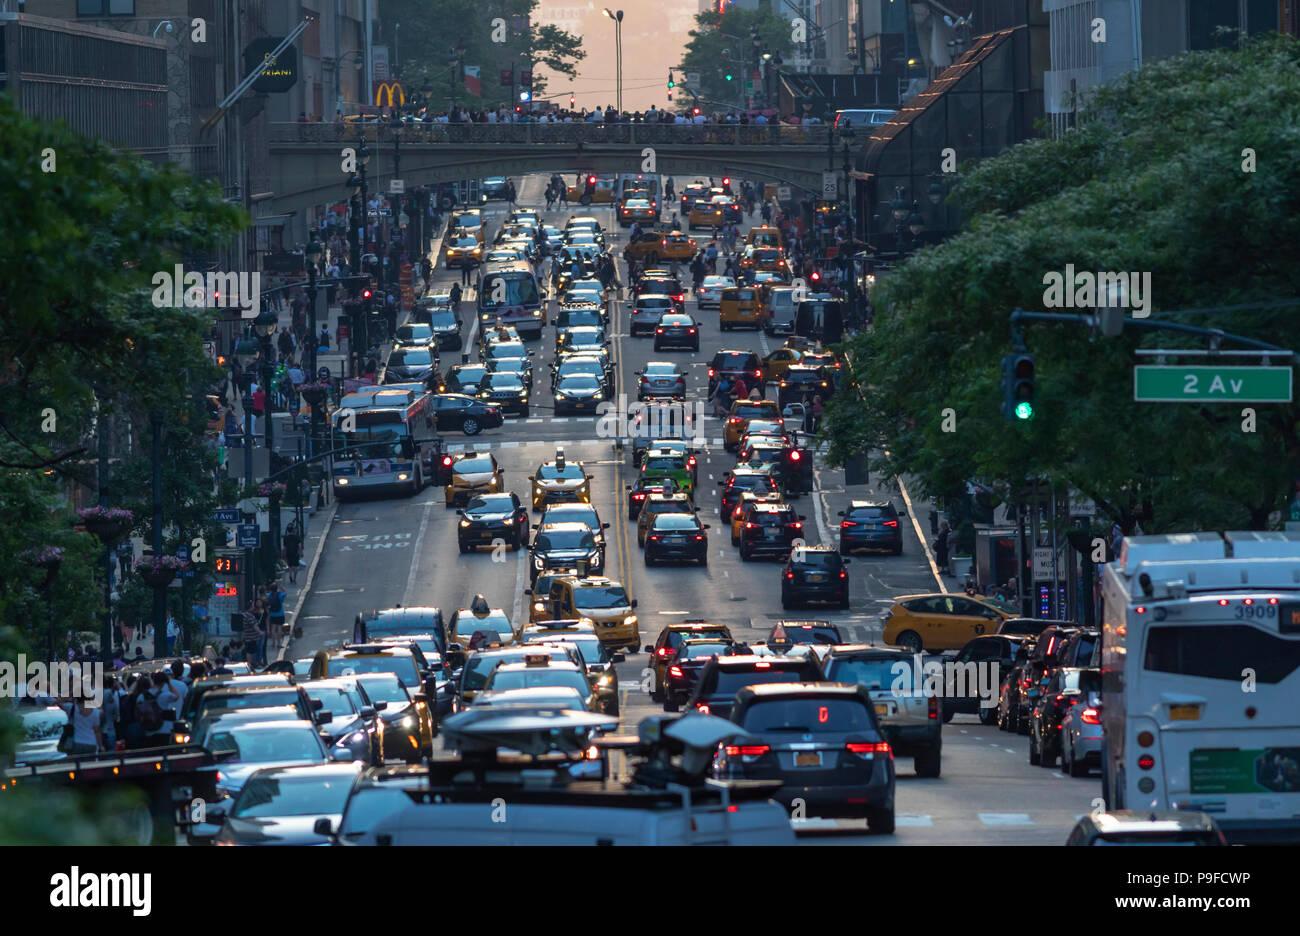 Les embouteillages de piétons et de voitures à Manhattan, New York City. Photo Stock